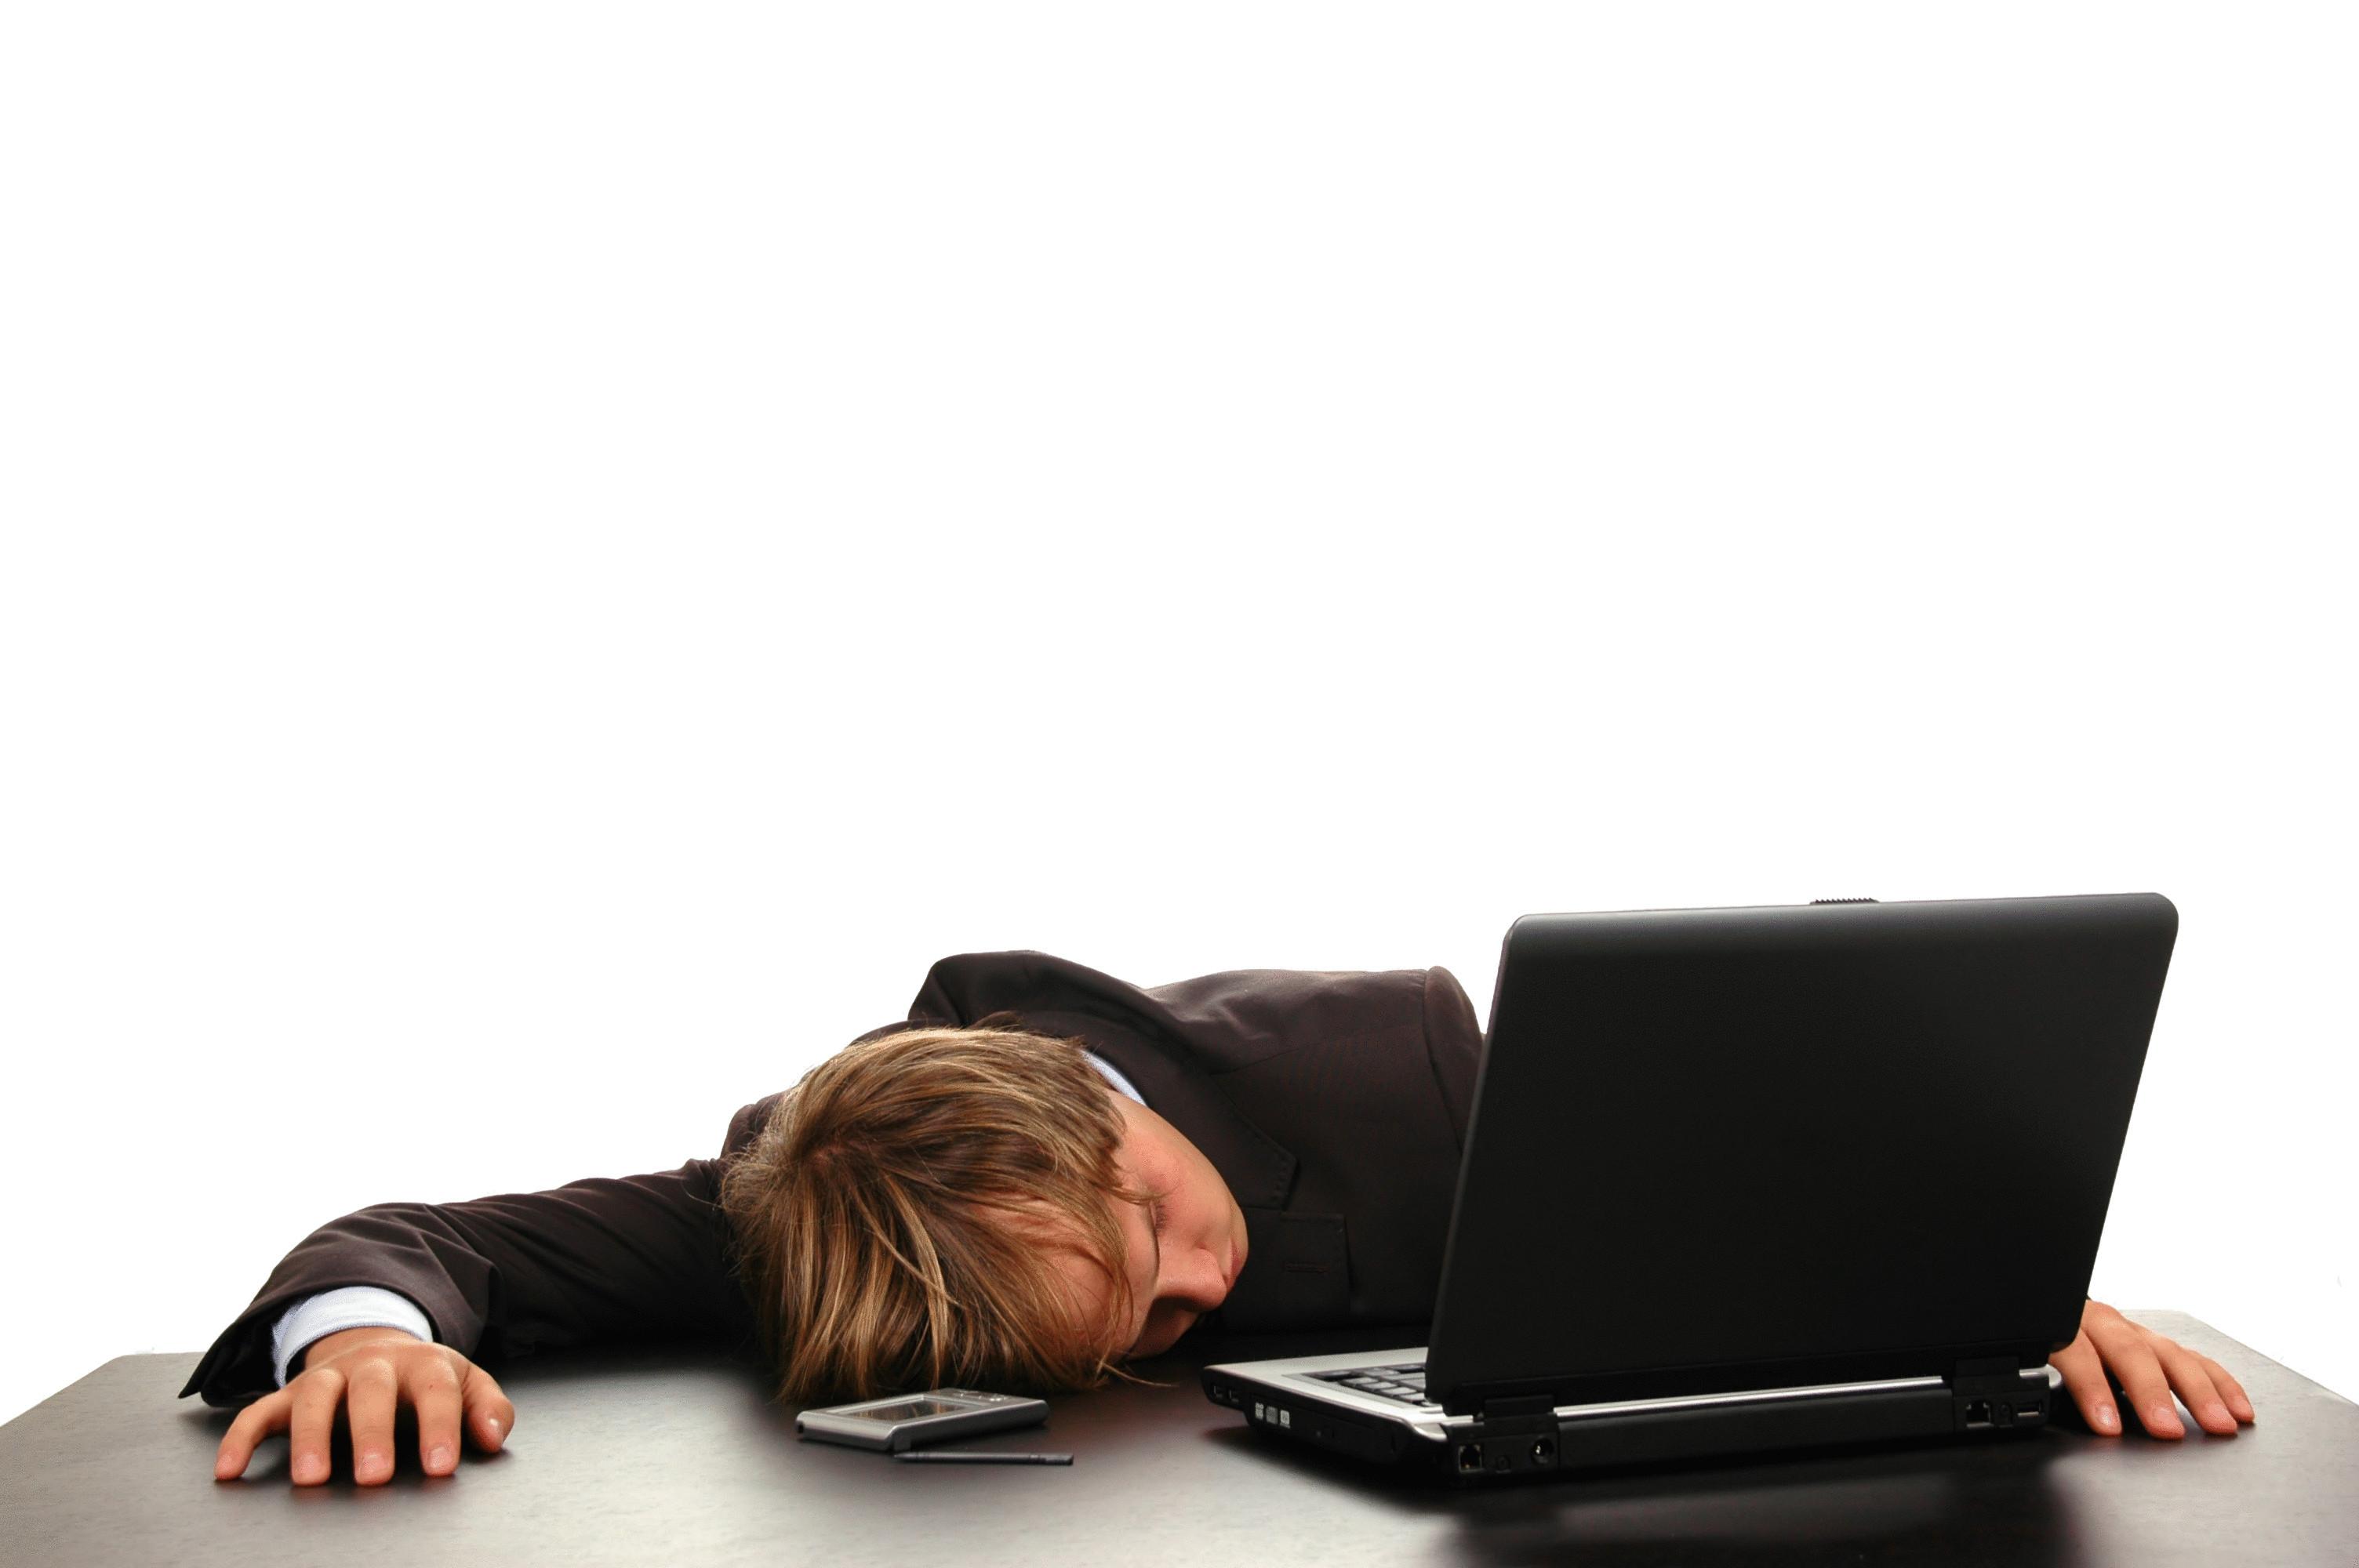 картинка спящий клиент обеденную зону